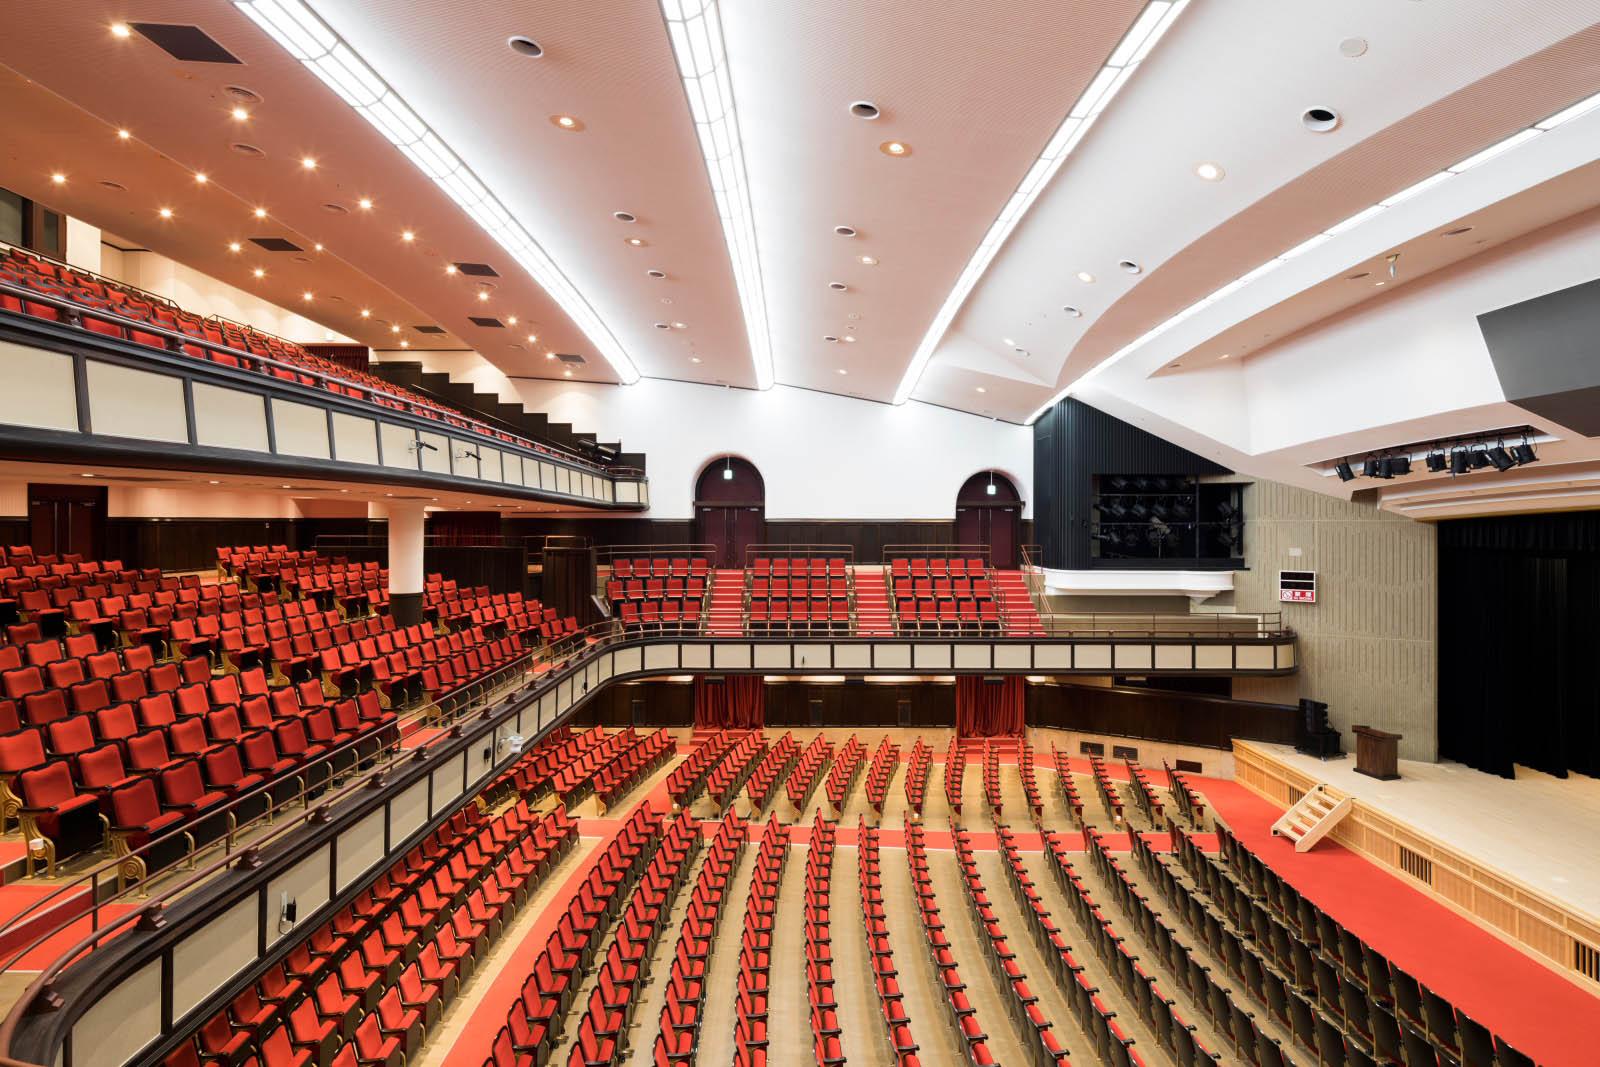 名古屋市公会堂 大ホール(リニューアル)|コトブキシーティング株式会社